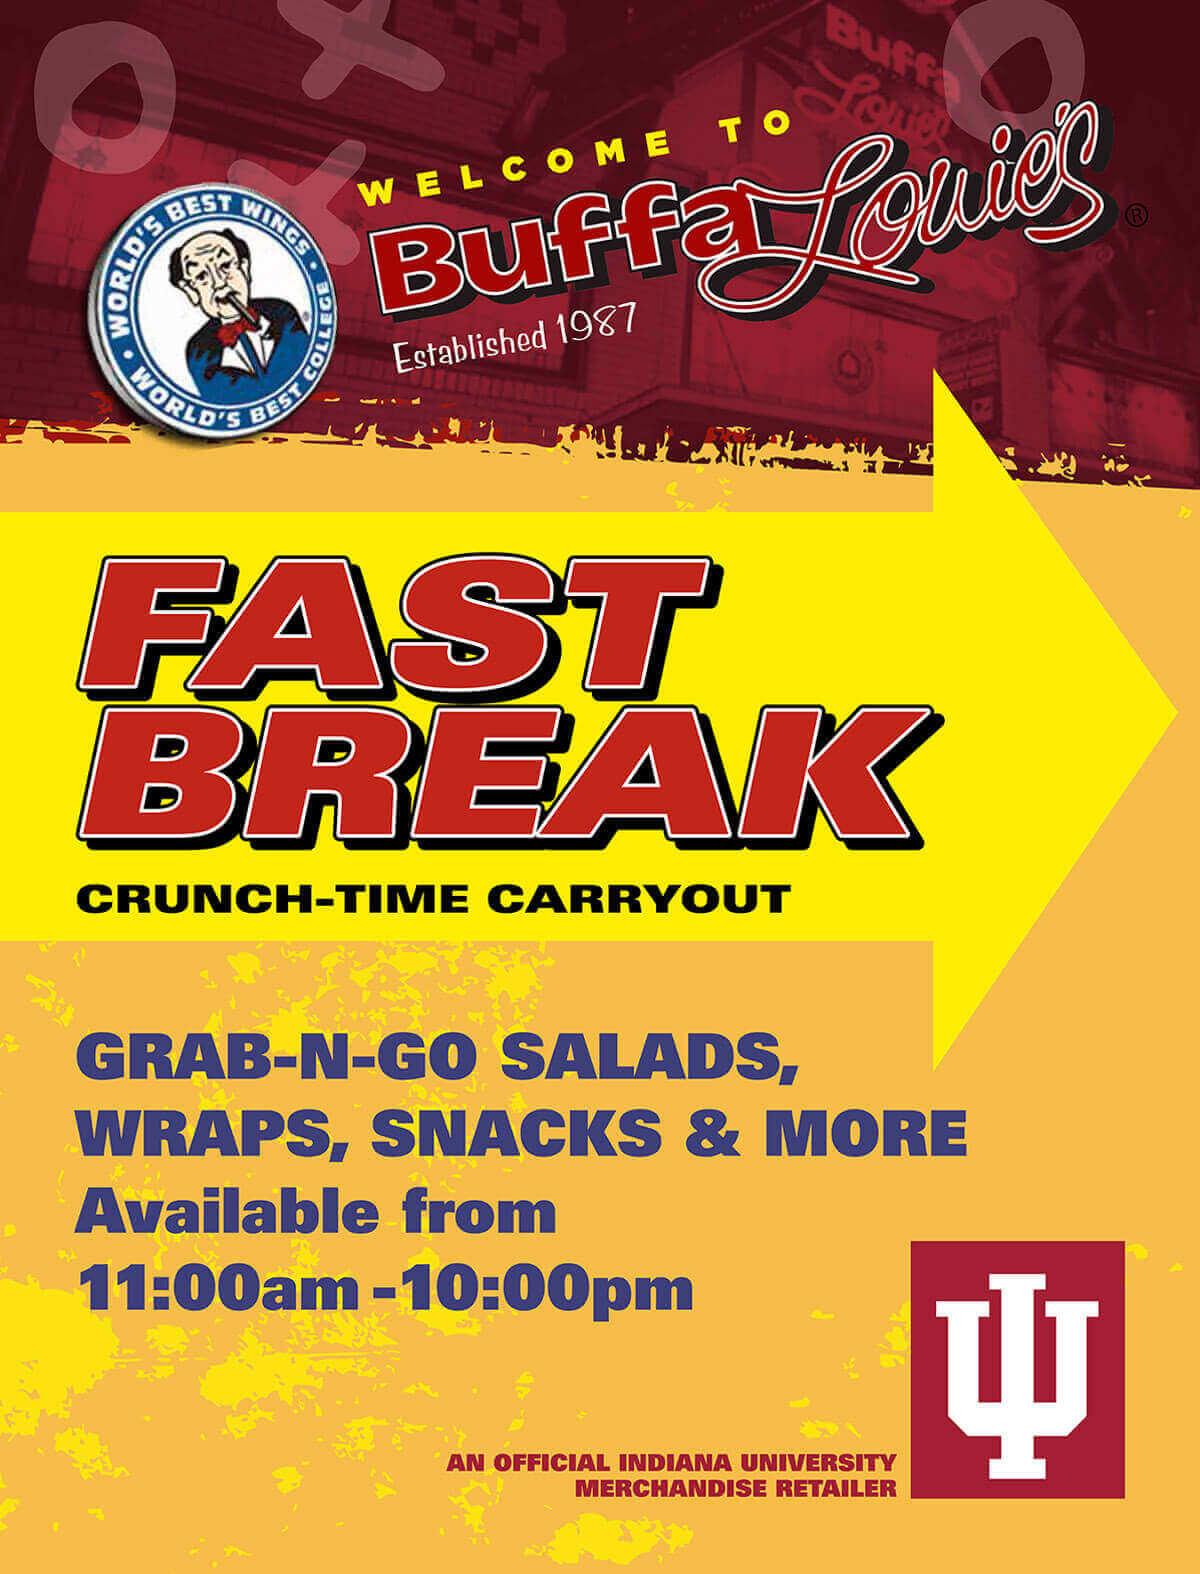 BuffaLouie's - Fastbreak - Crunch-Time Carryout